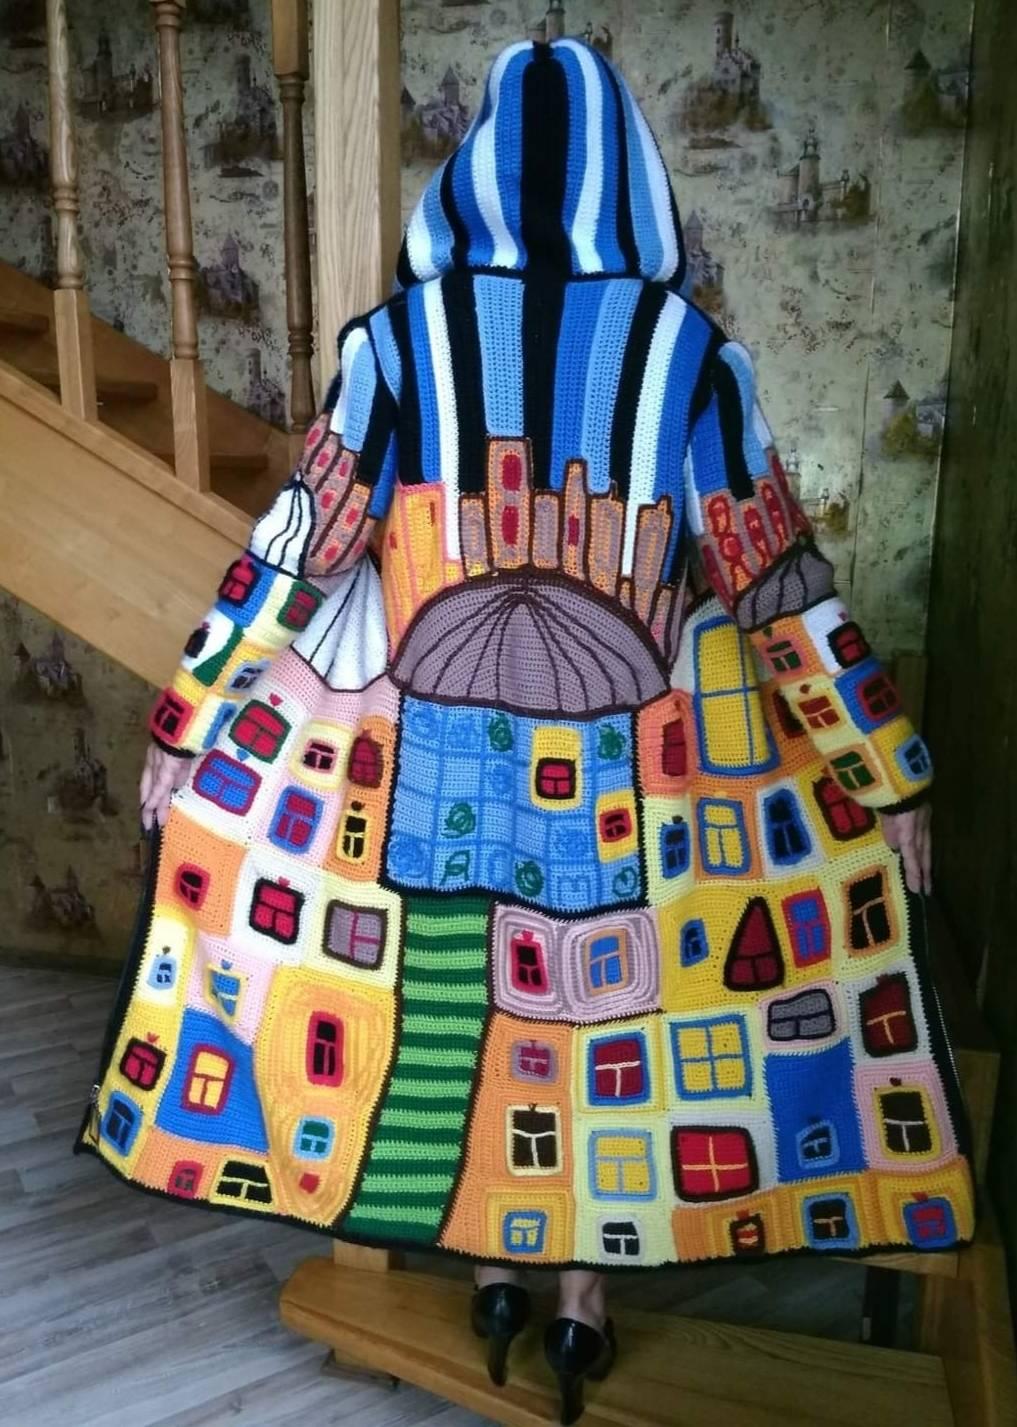 """Пальто """"Танцующие окна Хундертвассера"""",по одноименной картине австрийского художника и архитектора Фриденсрайха Хундертвассера.Техника интарсия."""